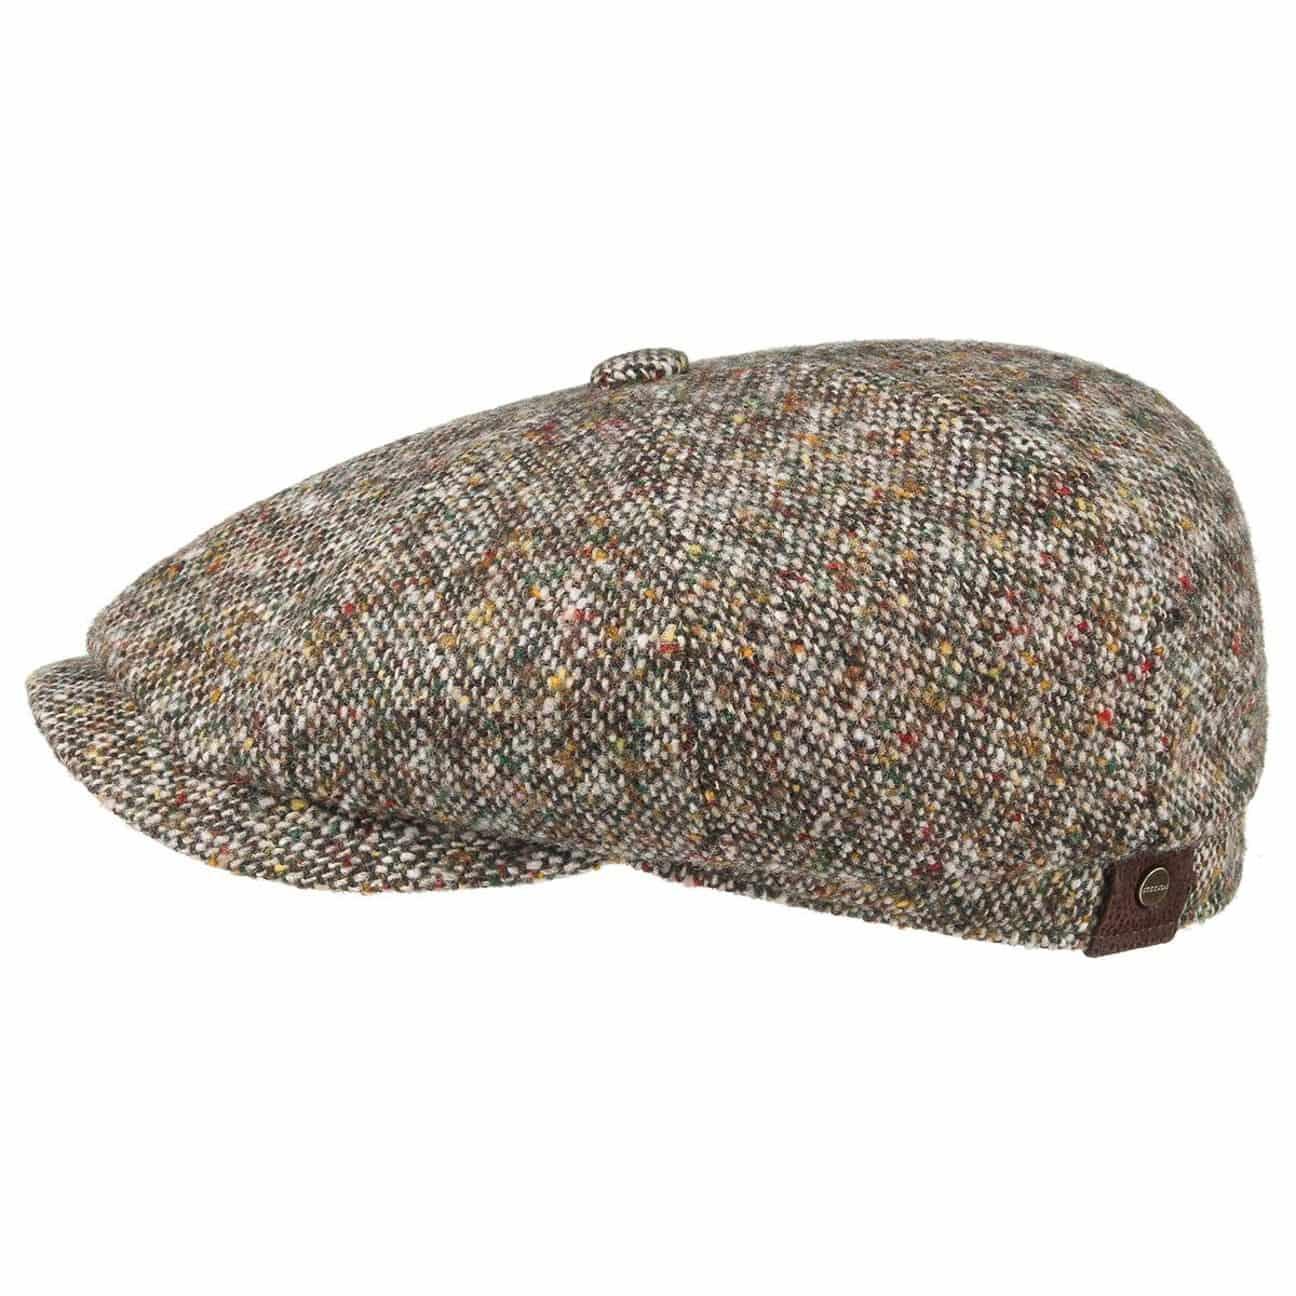 Stetson Baker Boy Cap BROOKLIN 447 Beige Brown Donegal Virgin Wool NEW